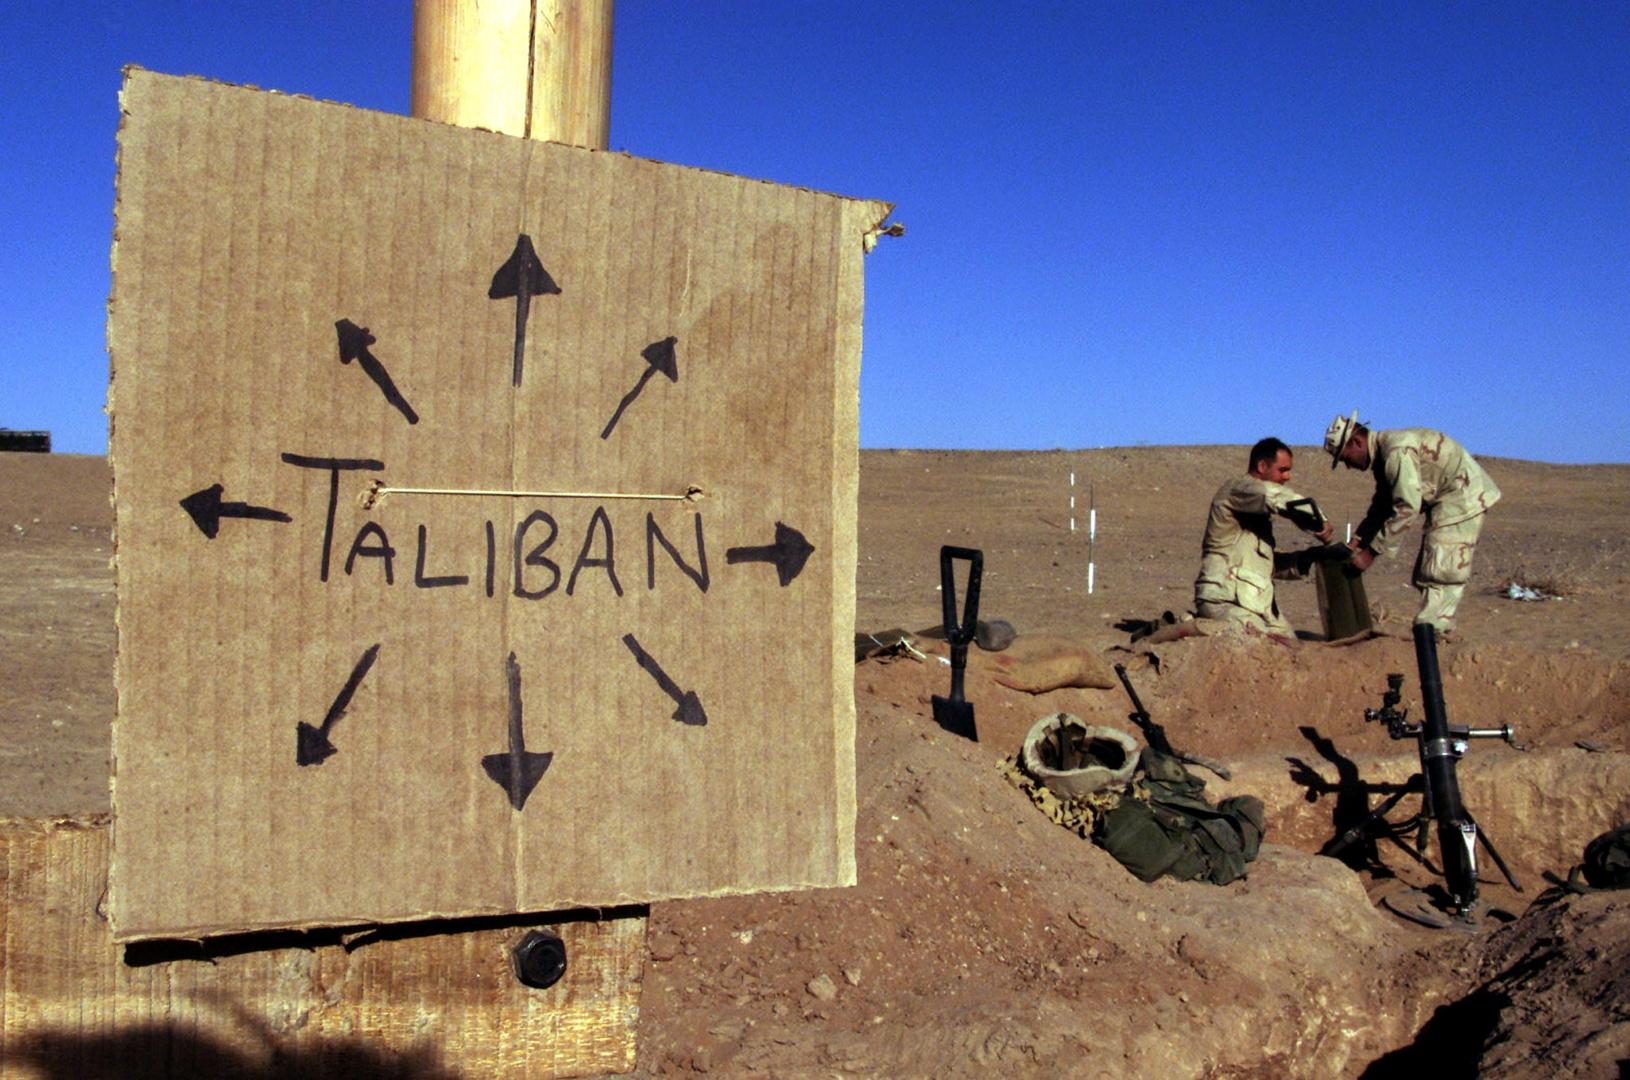 روسيا: رفع مستوى صادرات الأسلحة إلى دول آسيا الوسطى على خلفية التطورات في أفغانستان